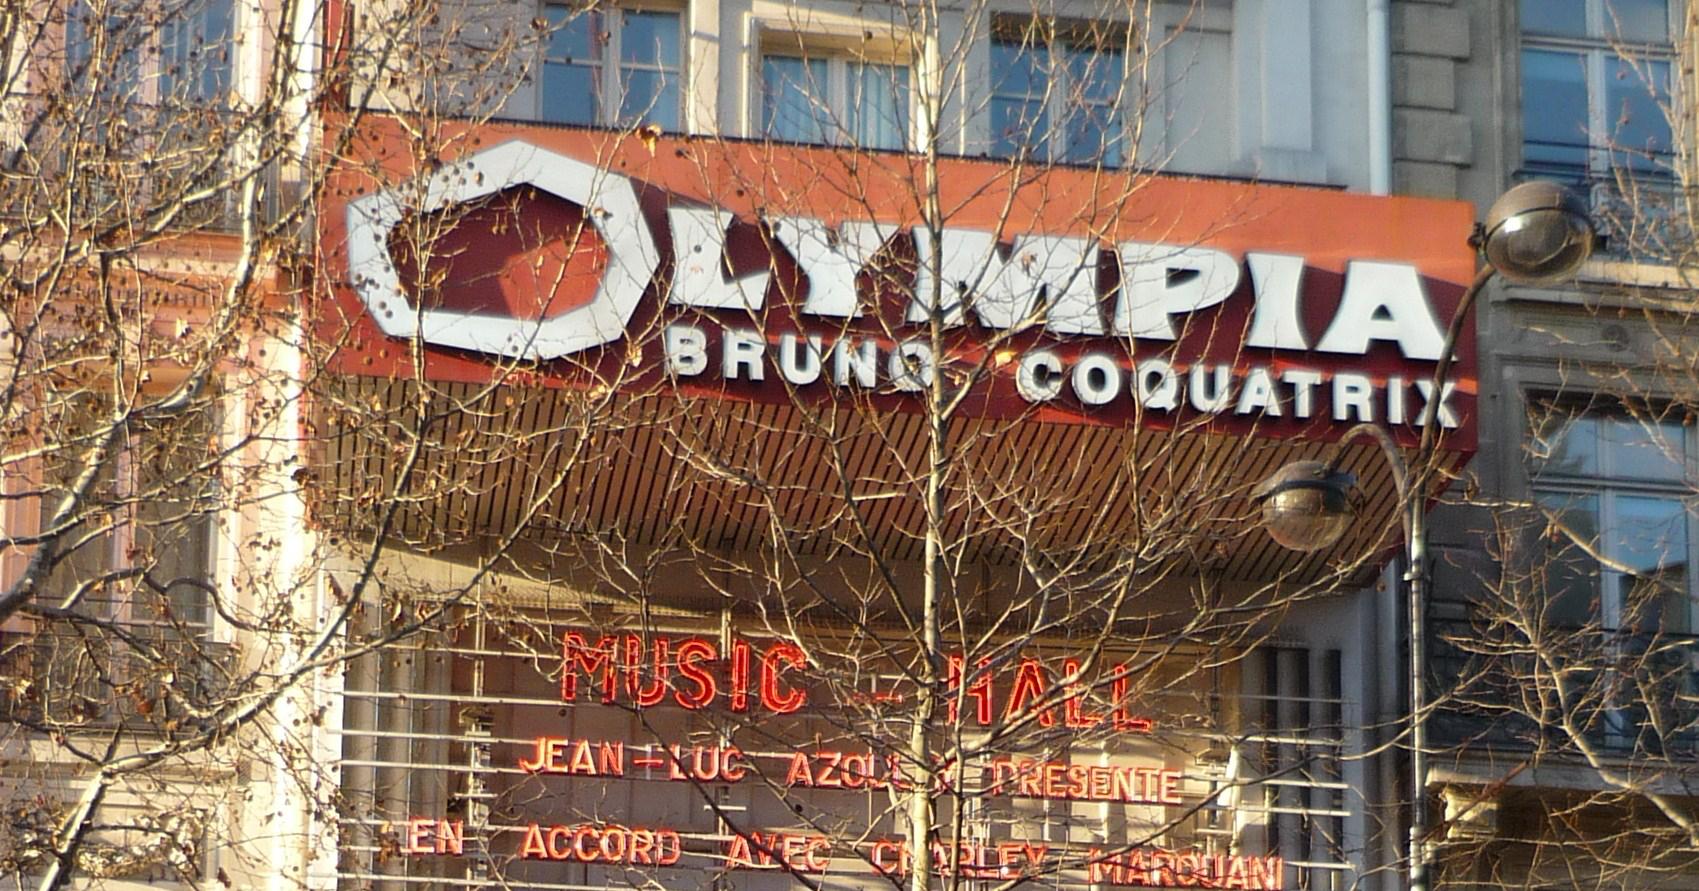 Recherchez-vous toutes les coordonnées de l'Olympia (numéros de téléphone, emails, etc) ?  - Contacter L'OLYMPIA | Numéro de téléphone, billetterie #Lolympia